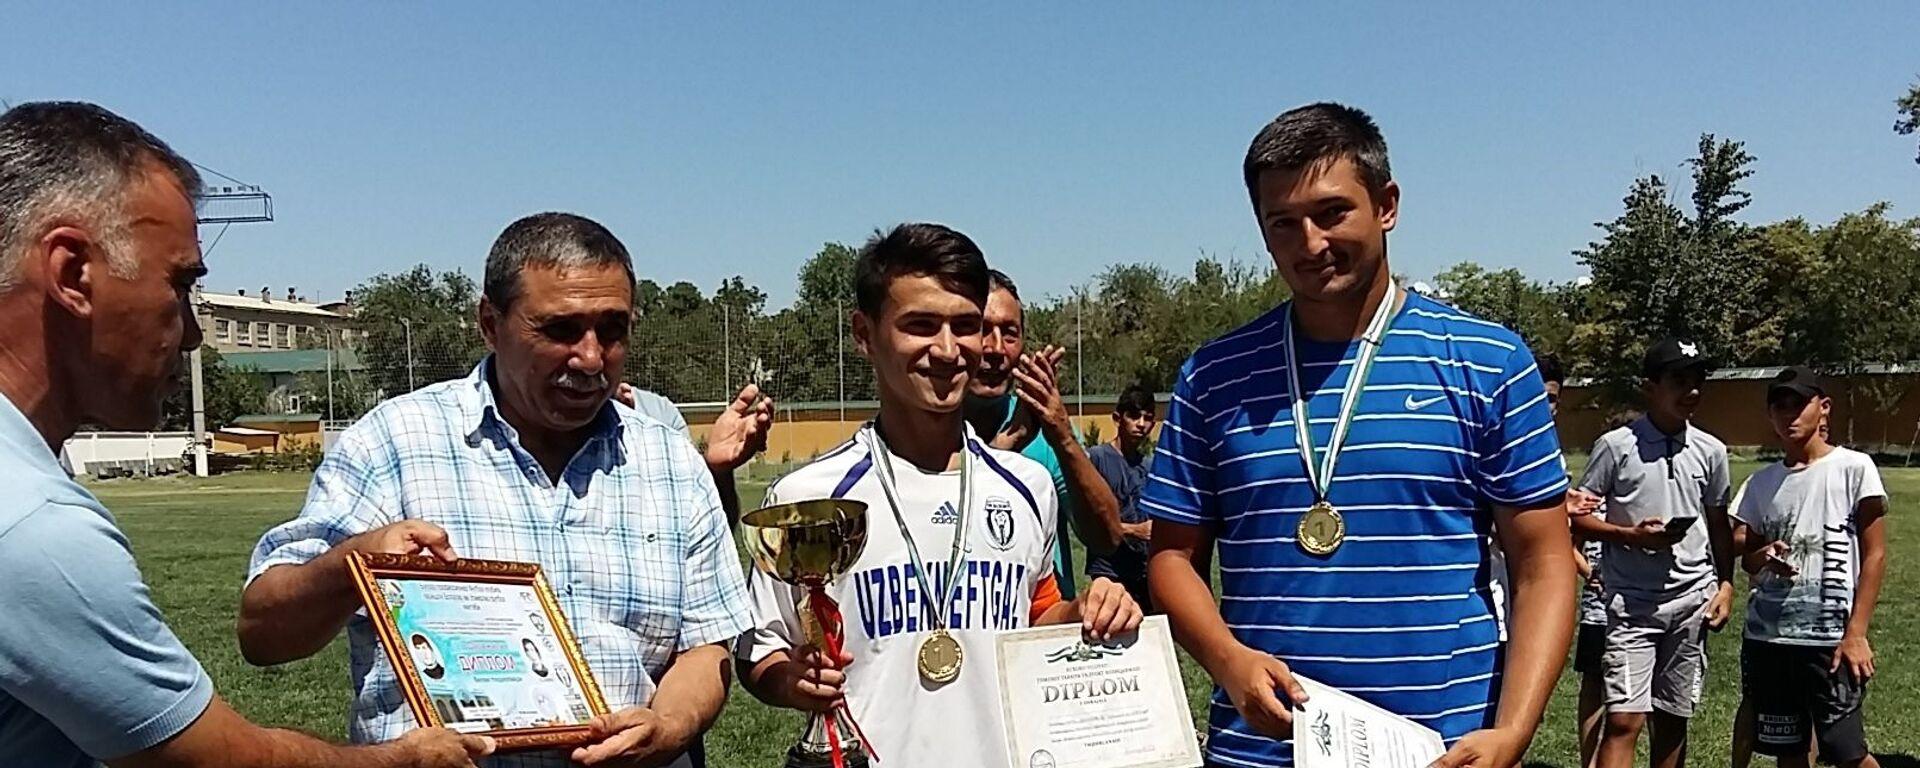 Капитан и тренер юниорской команды Бухоро на церемонии награждения - Sputnik Узбекистан, 1920, 07.08.2019